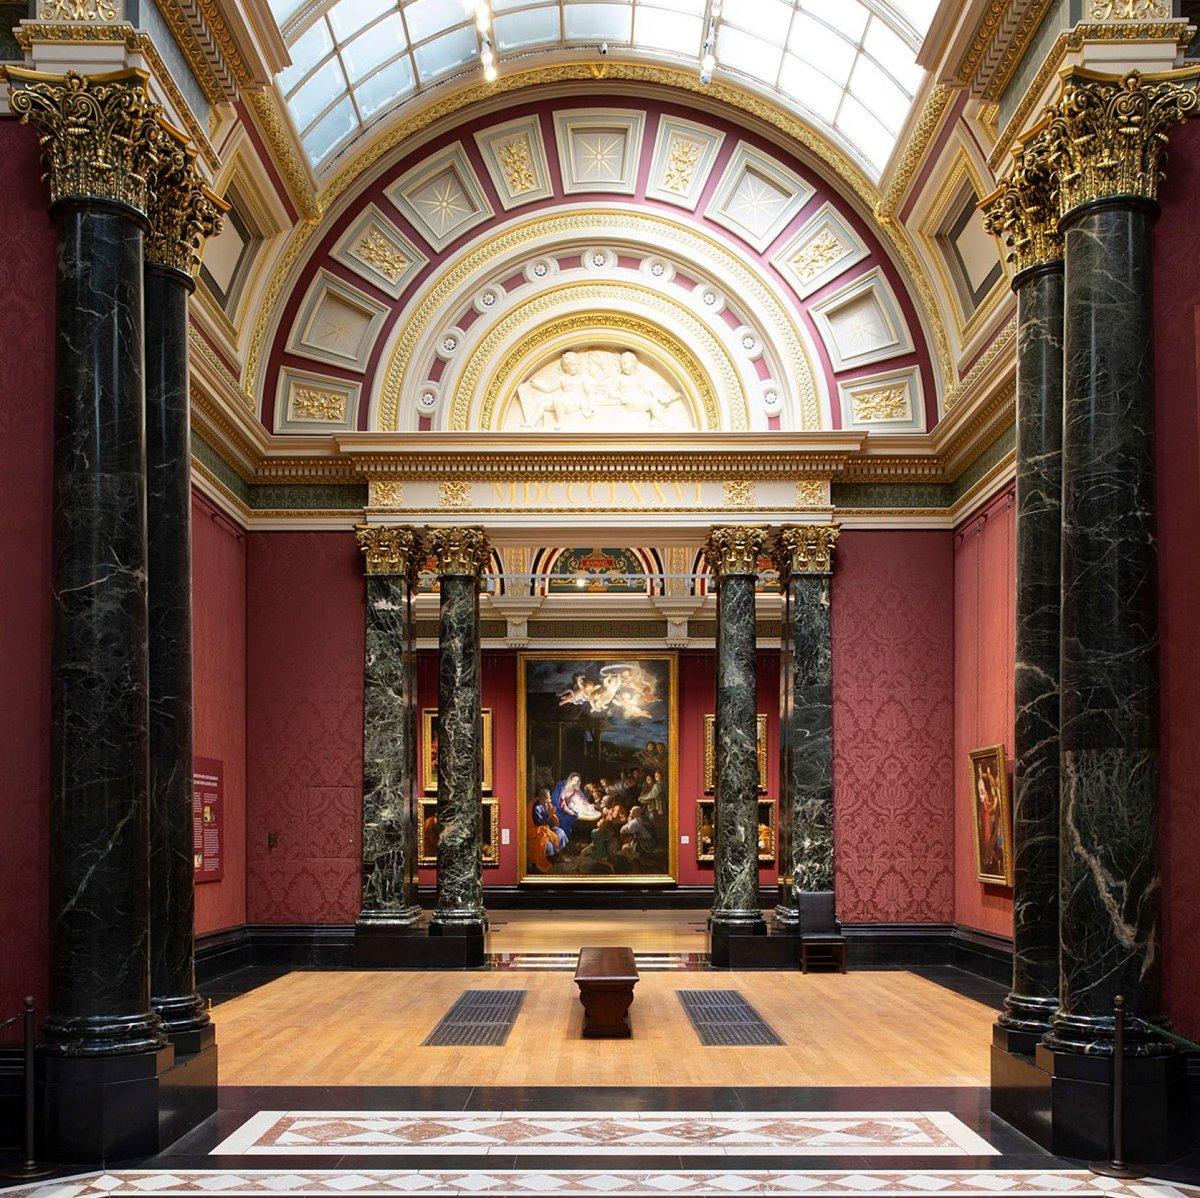 Εθνική Πινακοθήκη Ιρλανδίας Δουβλίνο